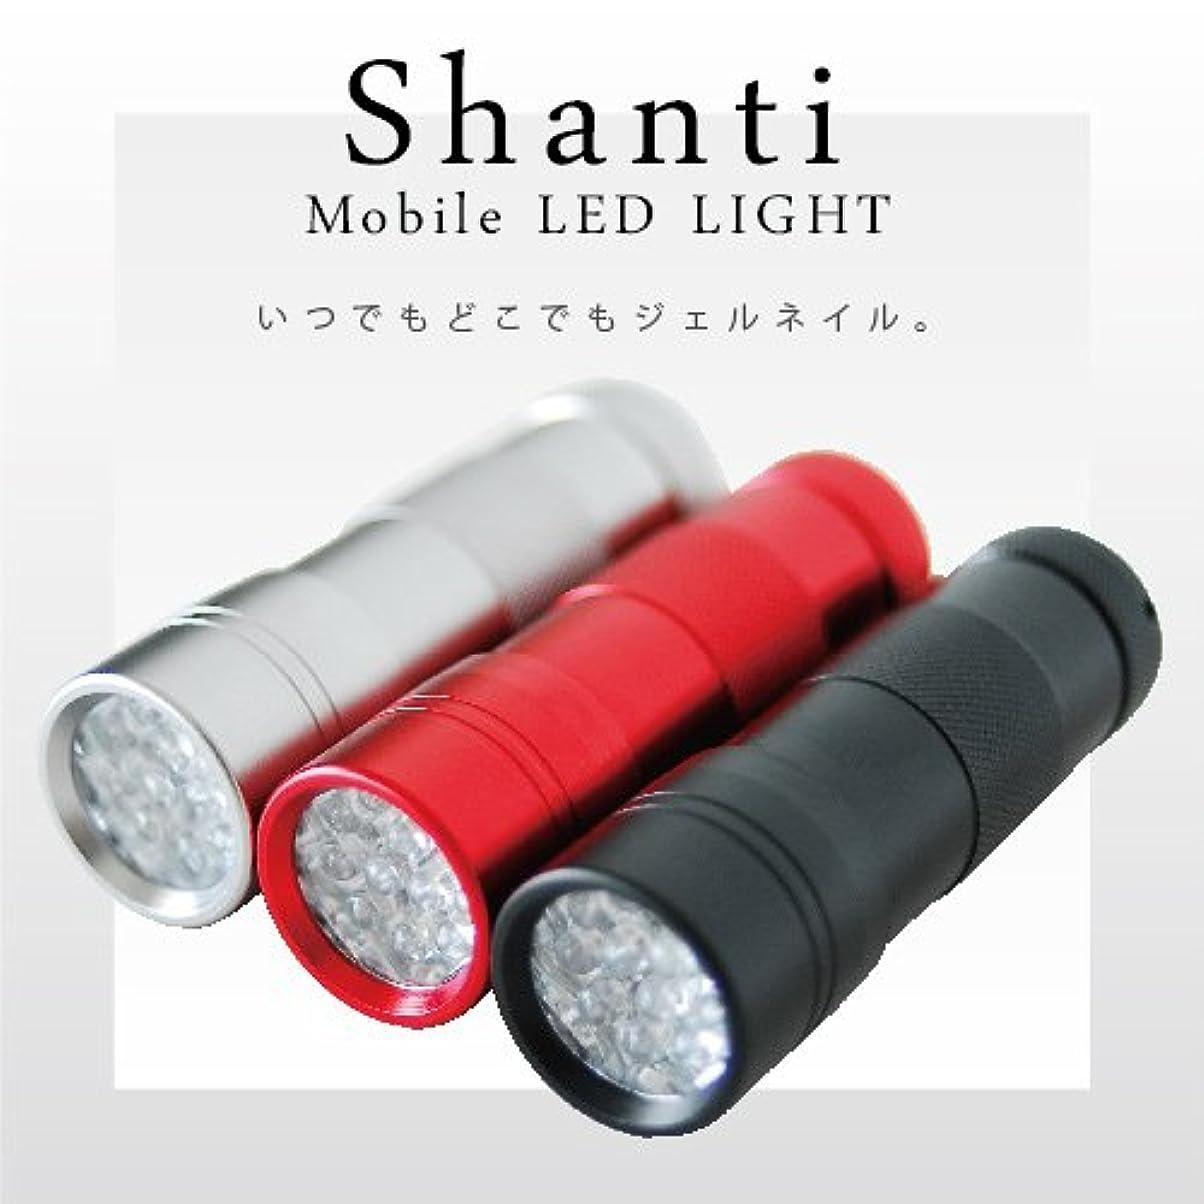 不良品あいさつ力学ジェルネイル用UVライト ペン型LEDライト Shanti Mobile LED ペン型ポータブルLEDライト カラー:シルバー  携帯用ハンドライト